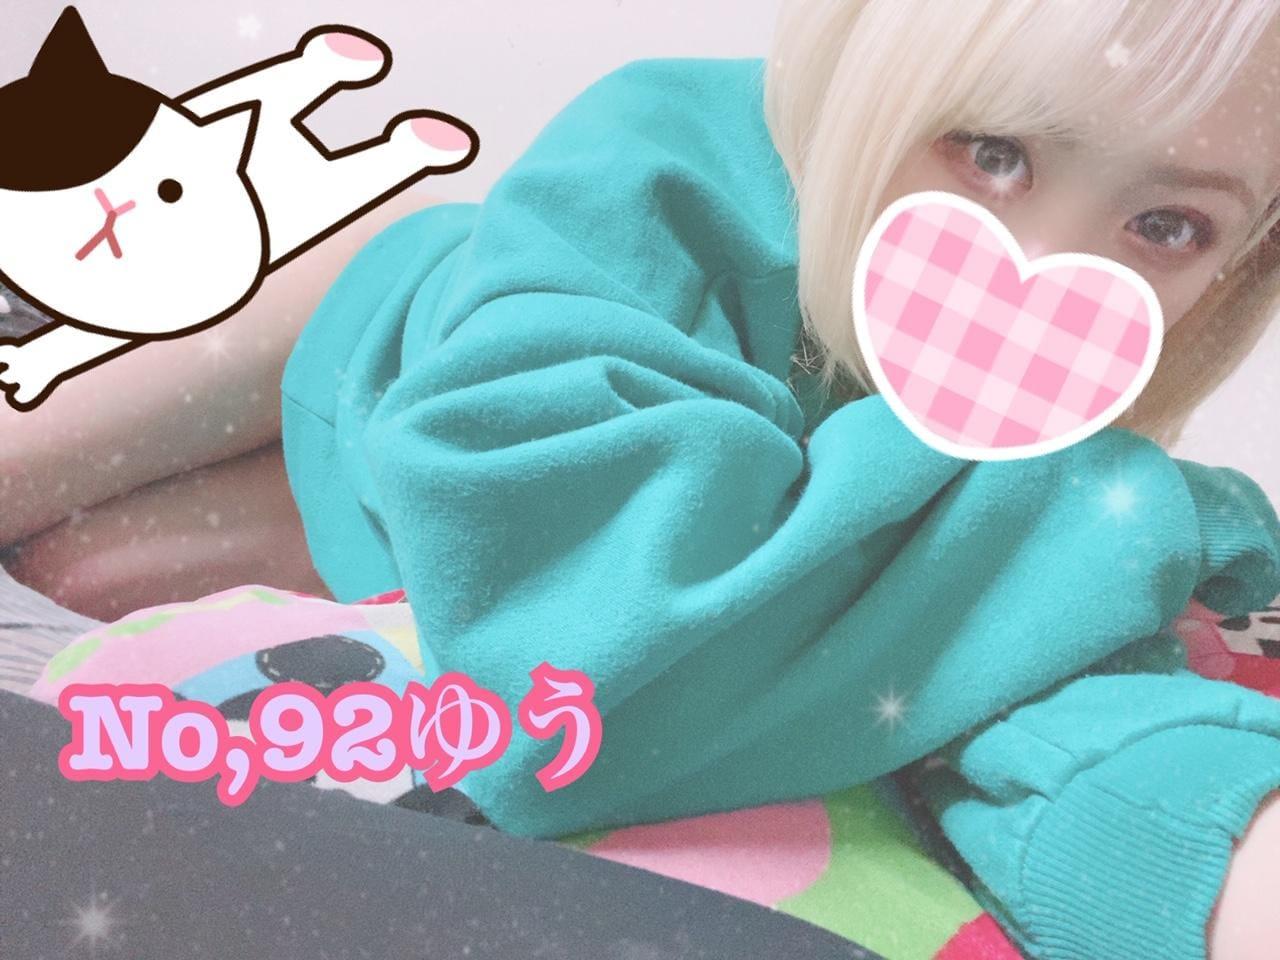 ゆう「さむーい(´・ω・`)」11/12(火) 09:00 | ゆうの写メ・風俗動画